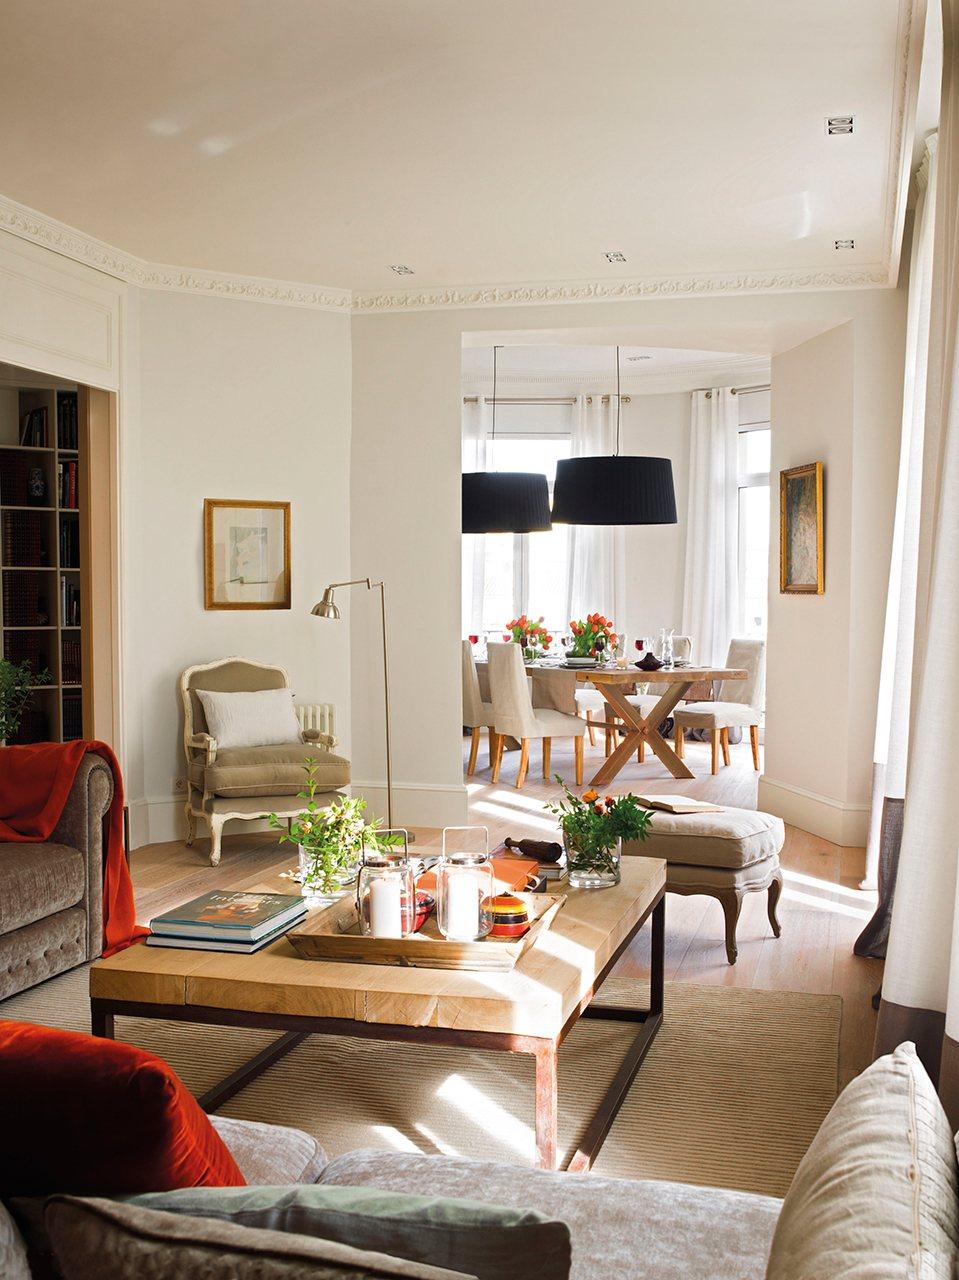 Un Piso Al M S Puro Estilo El Mueble  # Muebles De Casa Barcelona